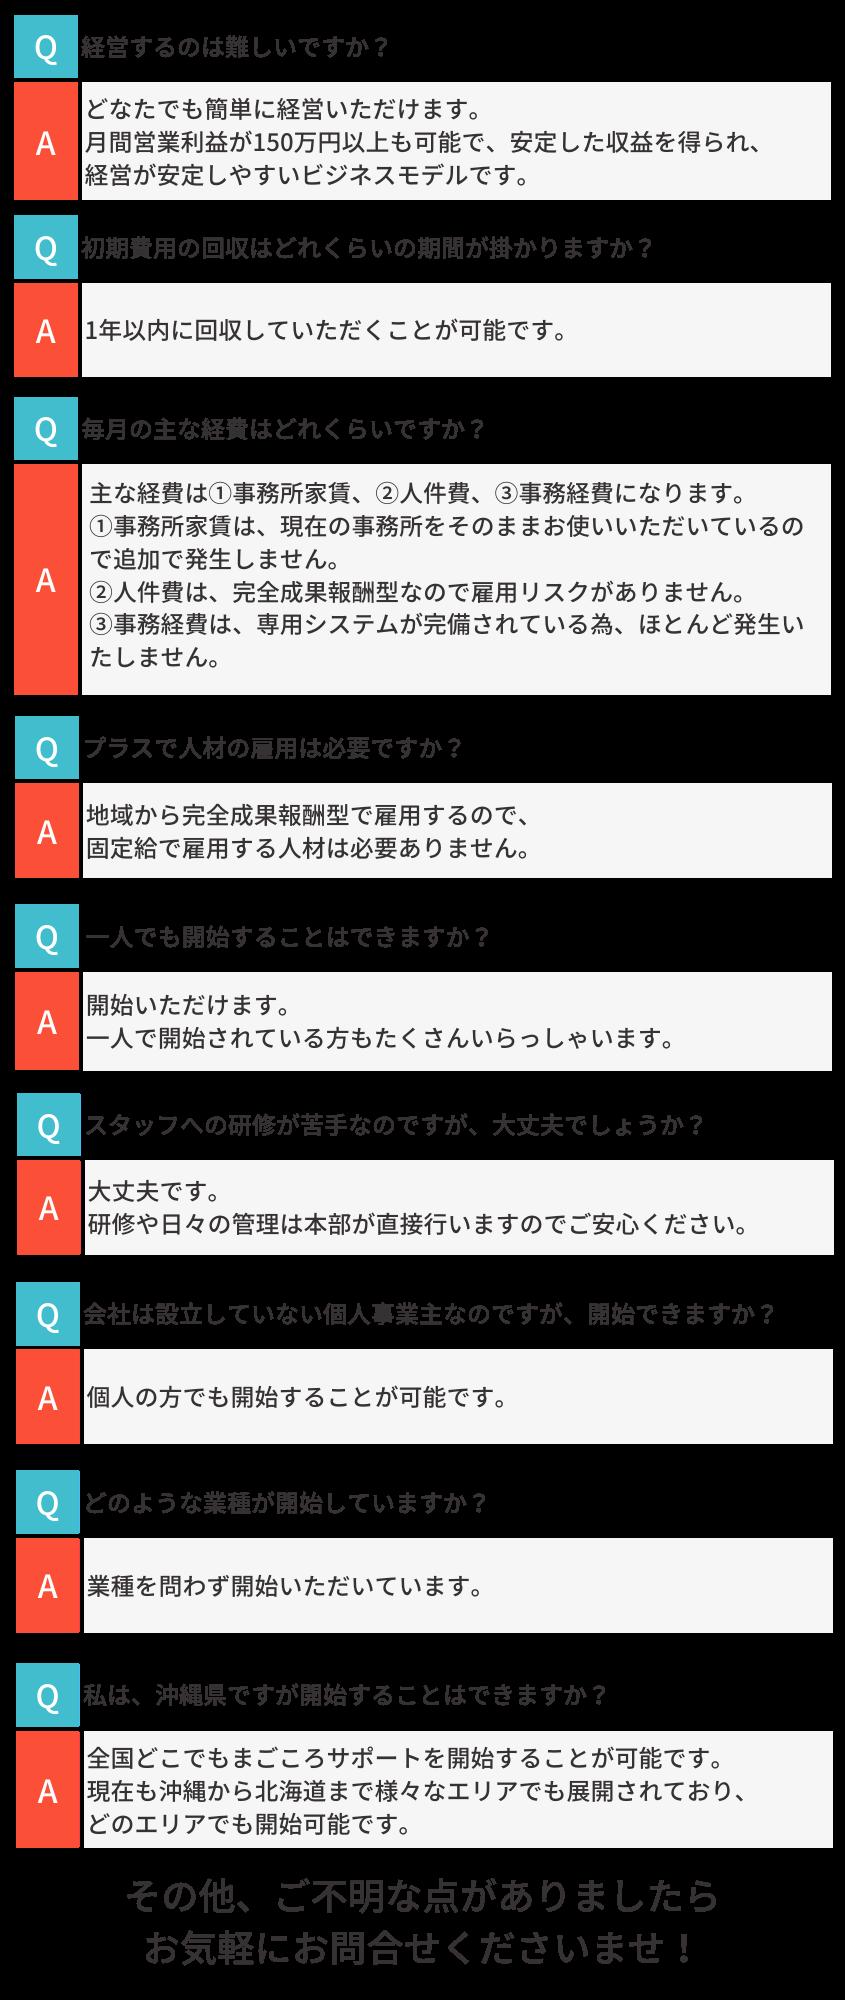 よくいただくご質問_LP0609 (2)